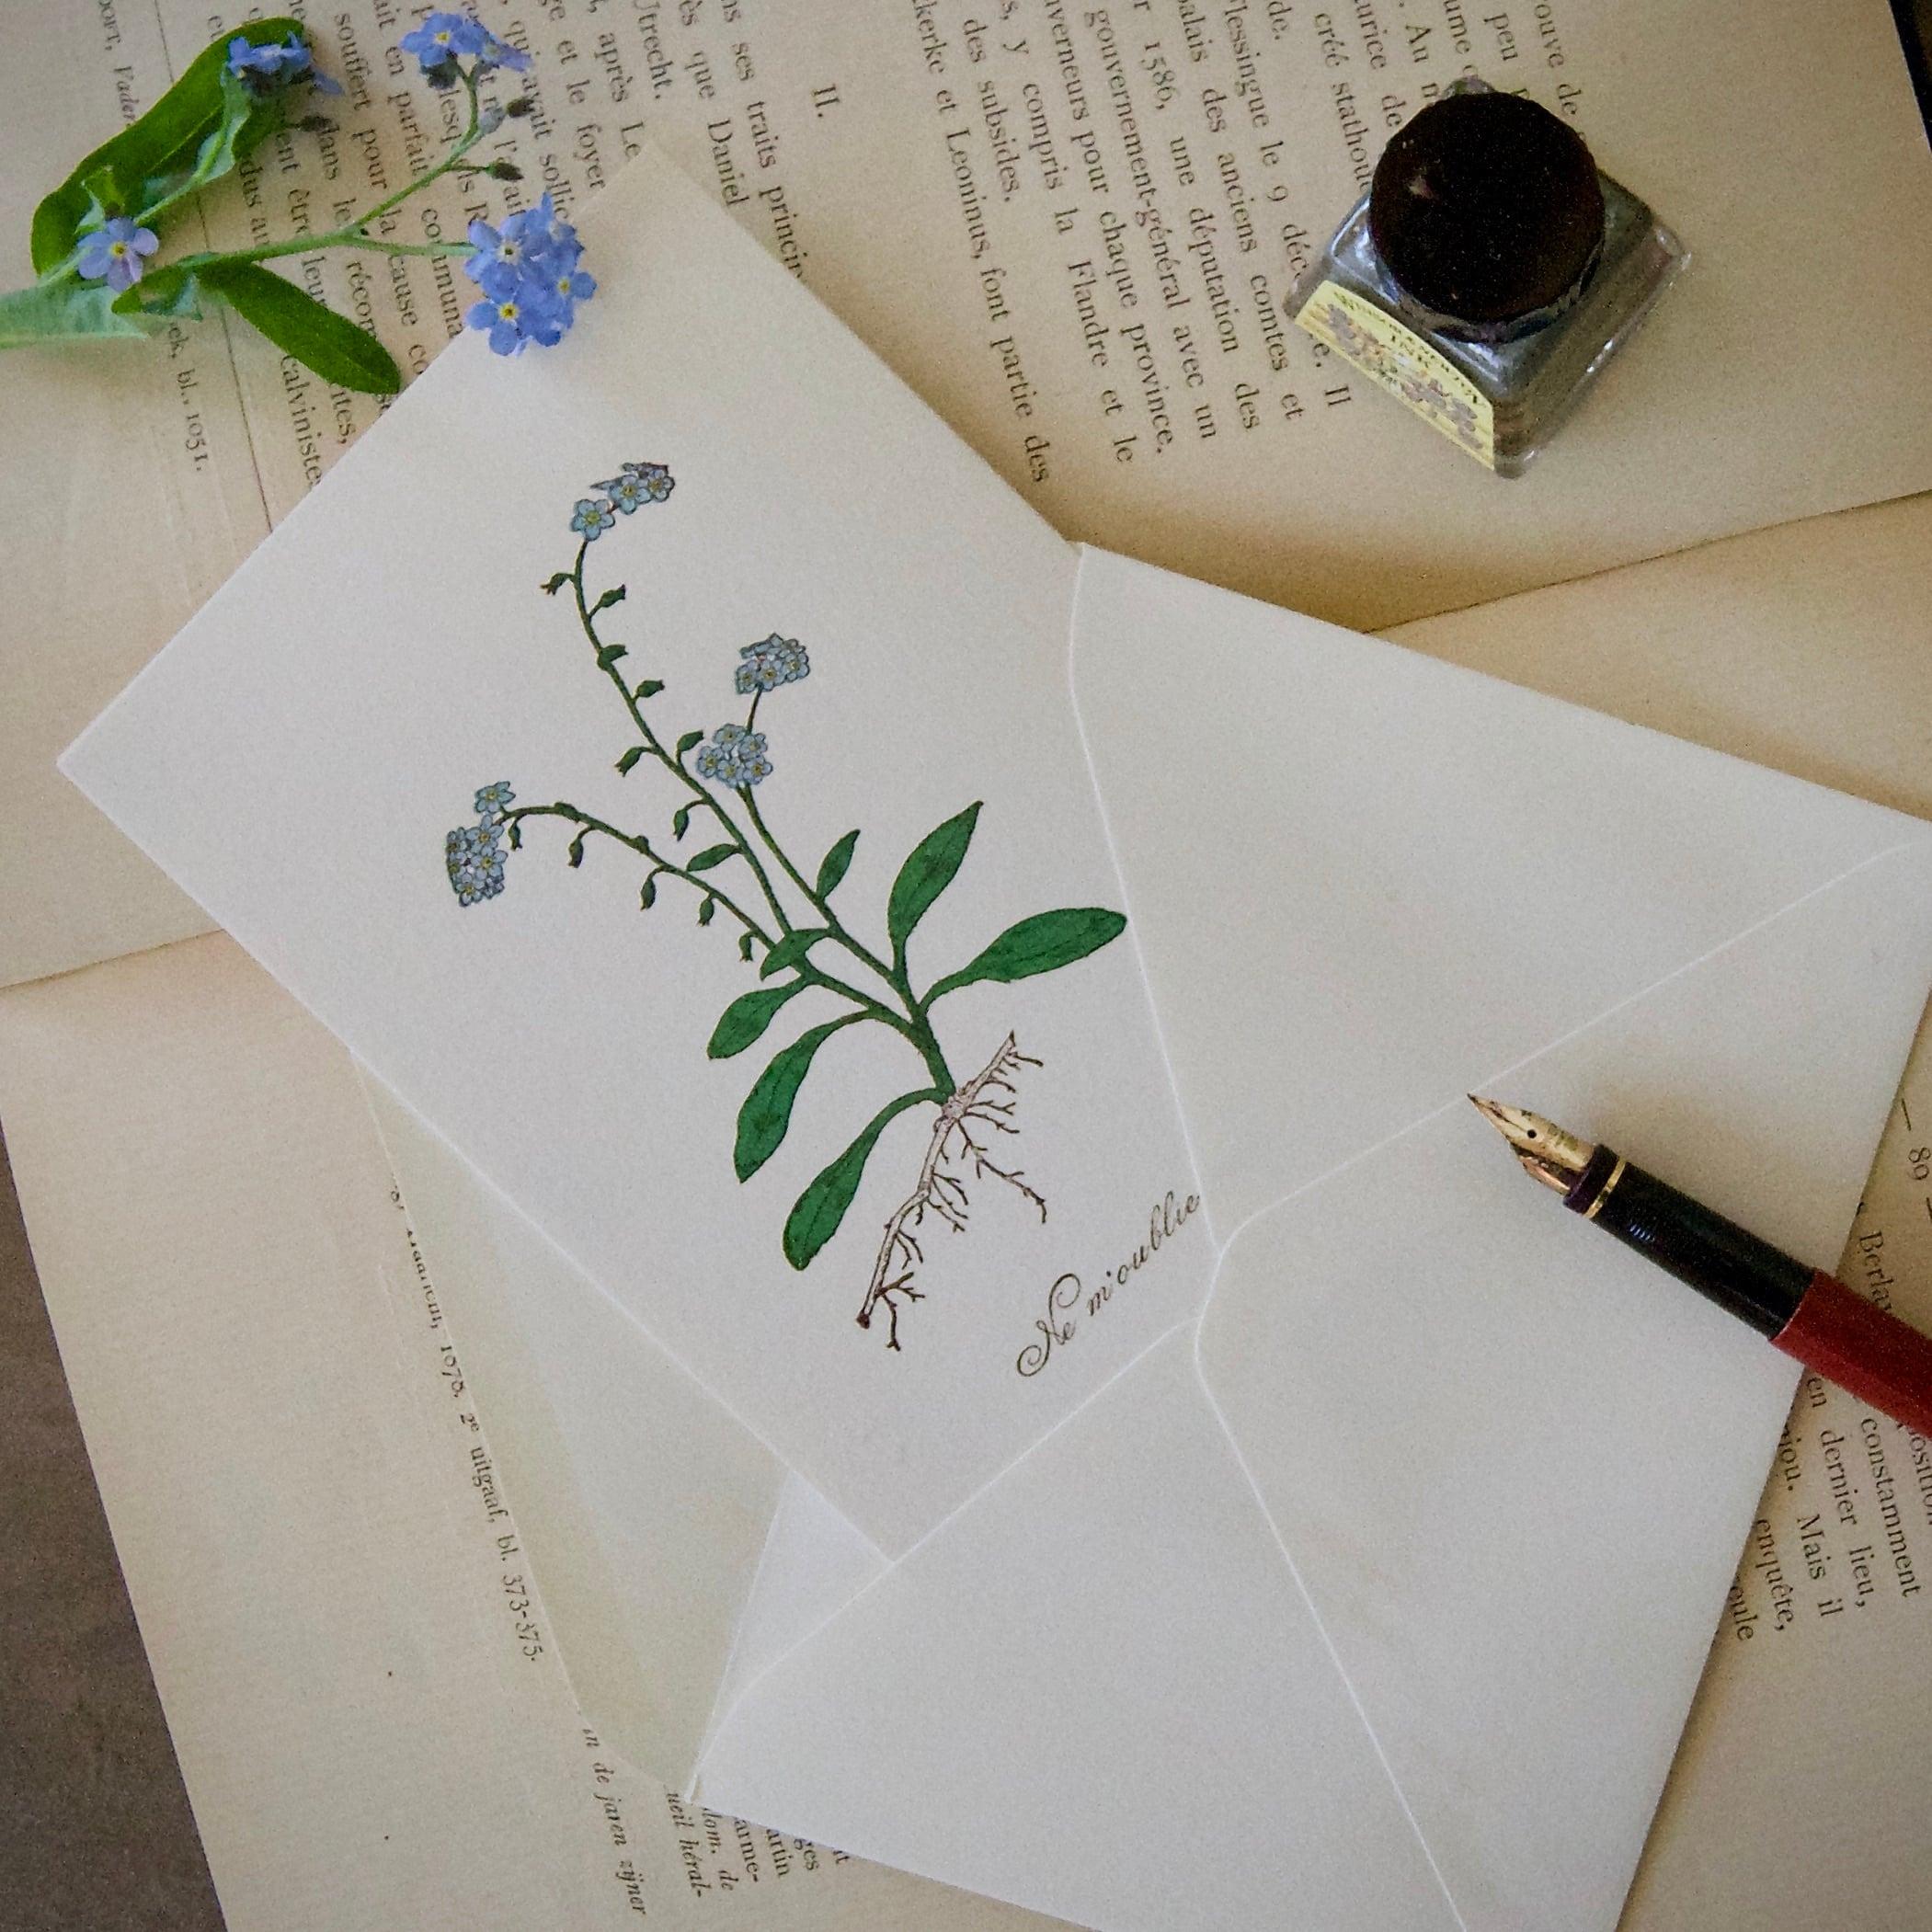 【カード 大】 ワスレナグサ / カード1枚+封筒1枚/活版印刷